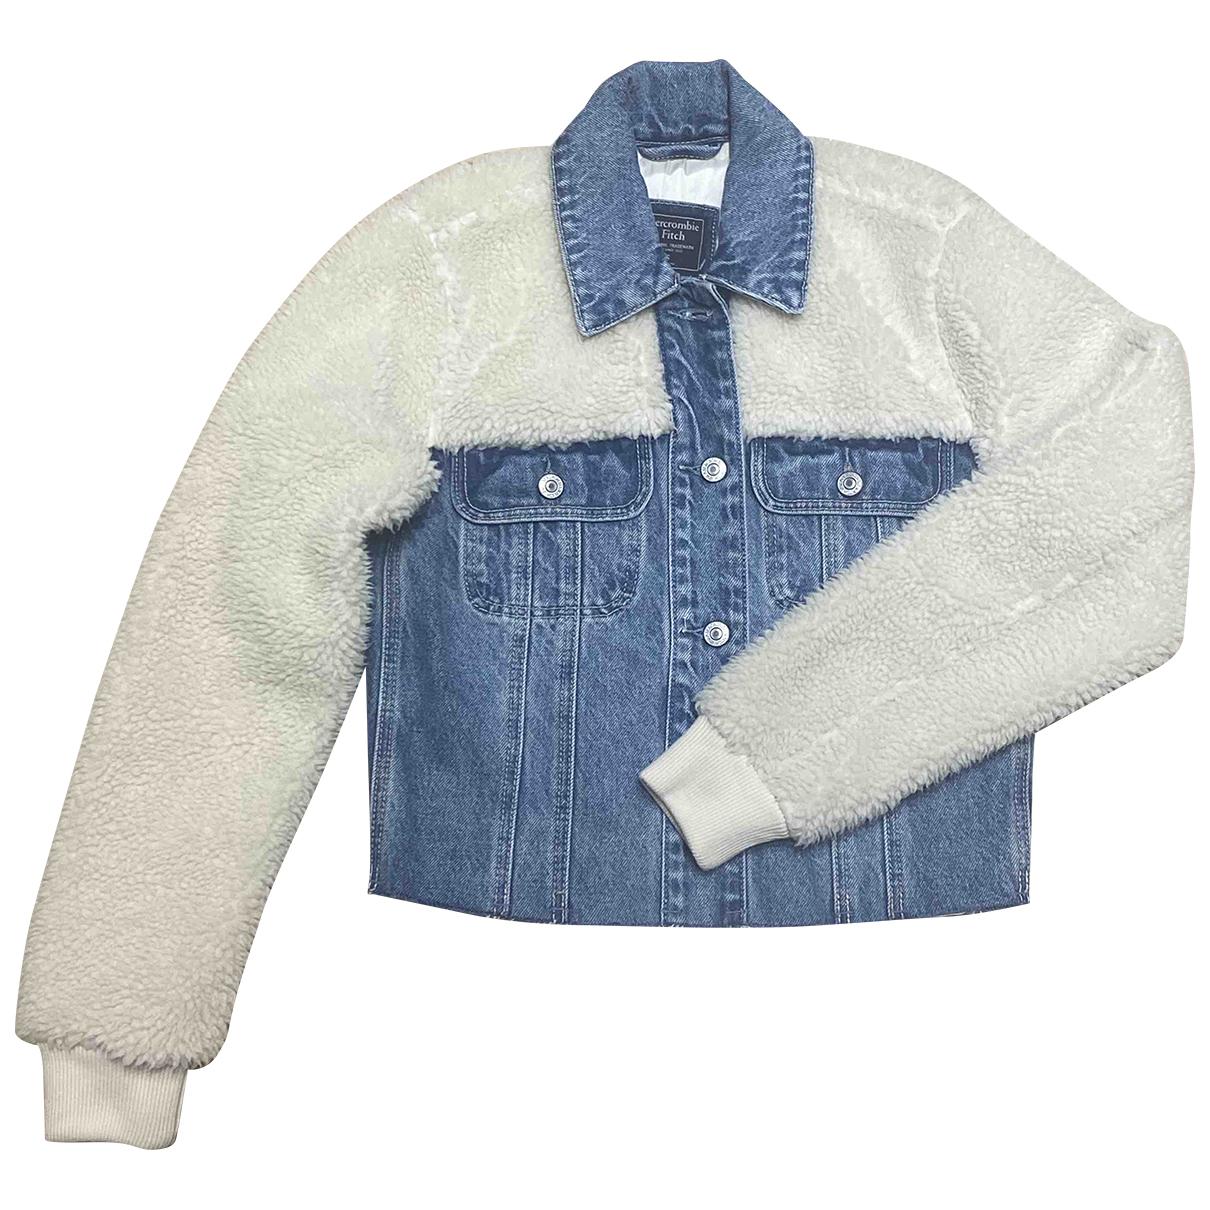 Abercrombie & Fitch - Manteau   pour femme - bleu